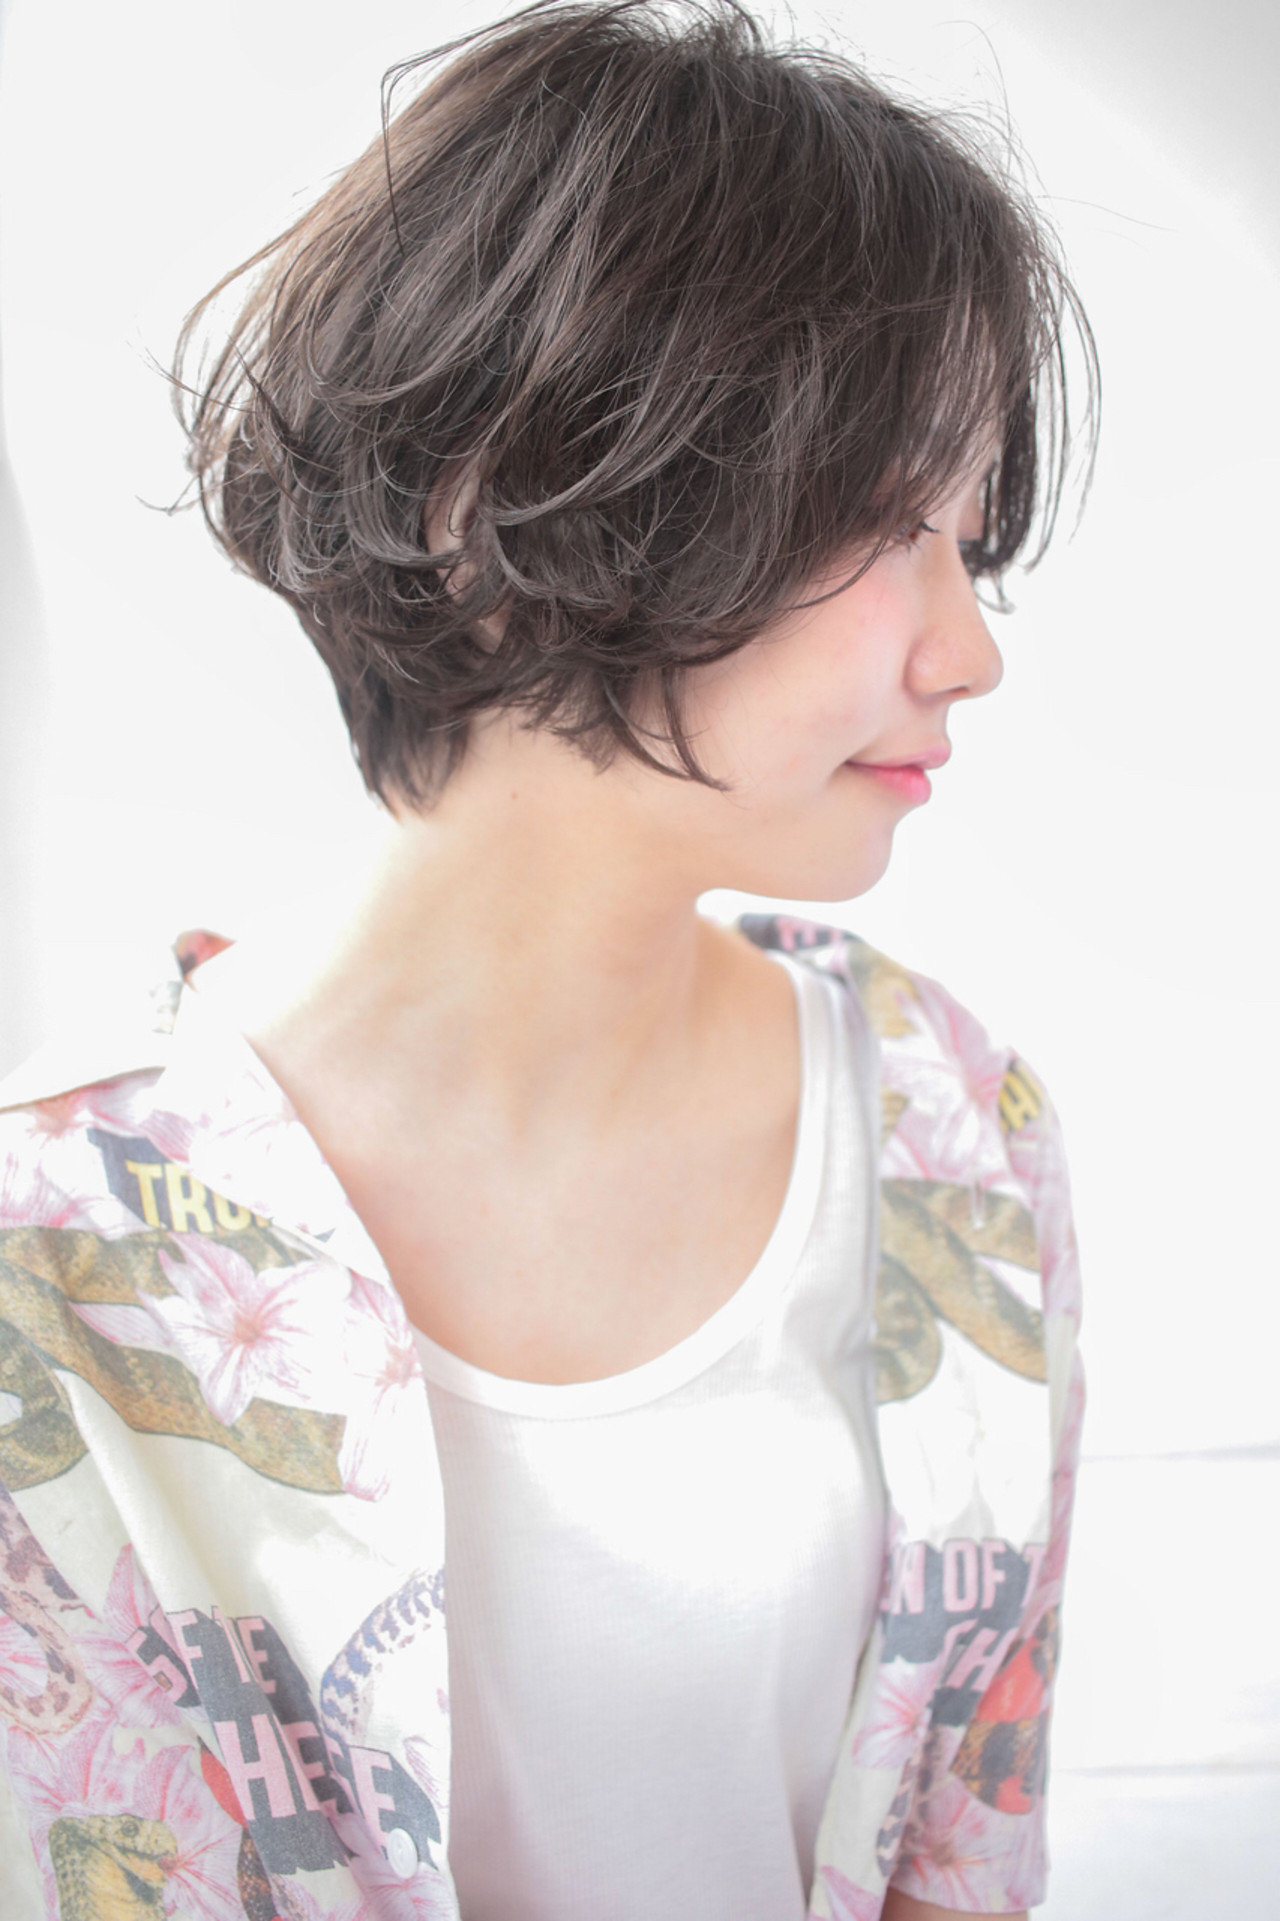 デート 色気 ナチュラル ショートボブ ヘアスタイルや髪型の写真・画像